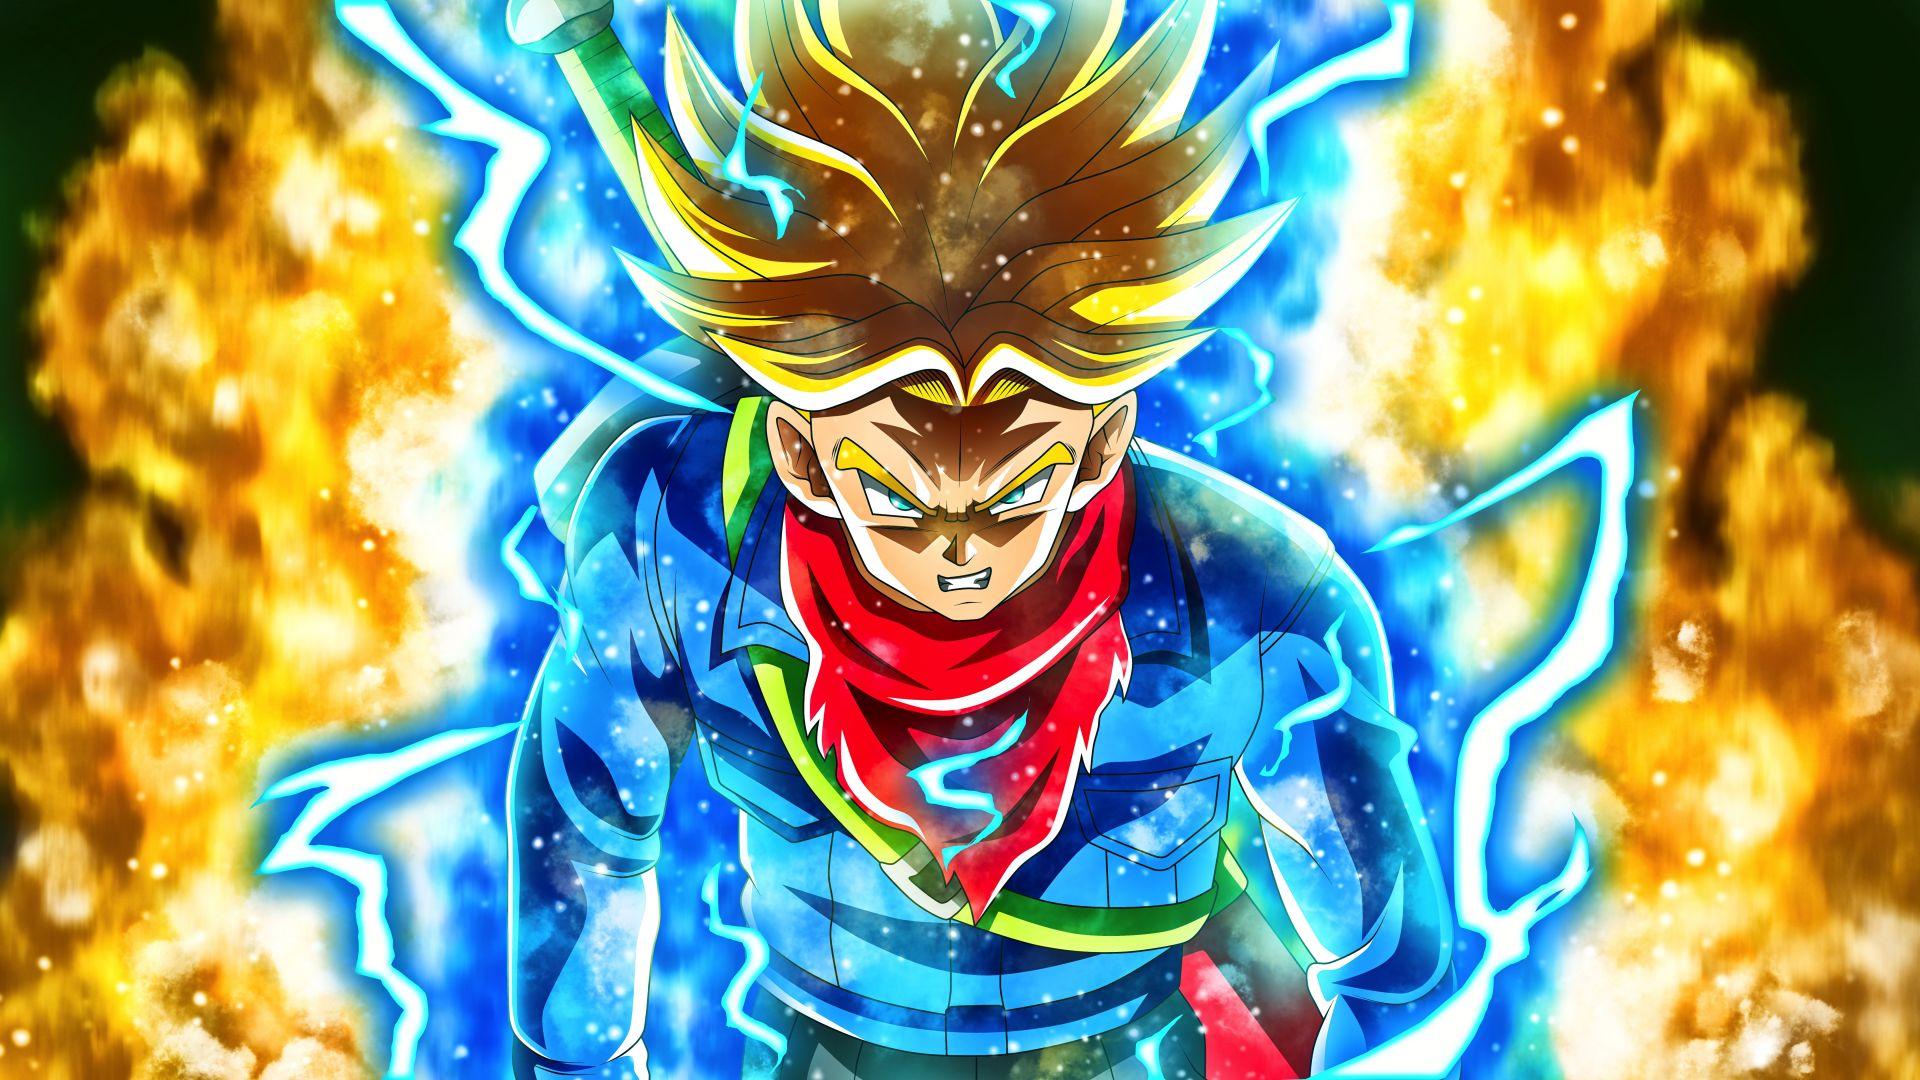 Astonishing Power Of The Gods Ultra Instinct Voice Pack For